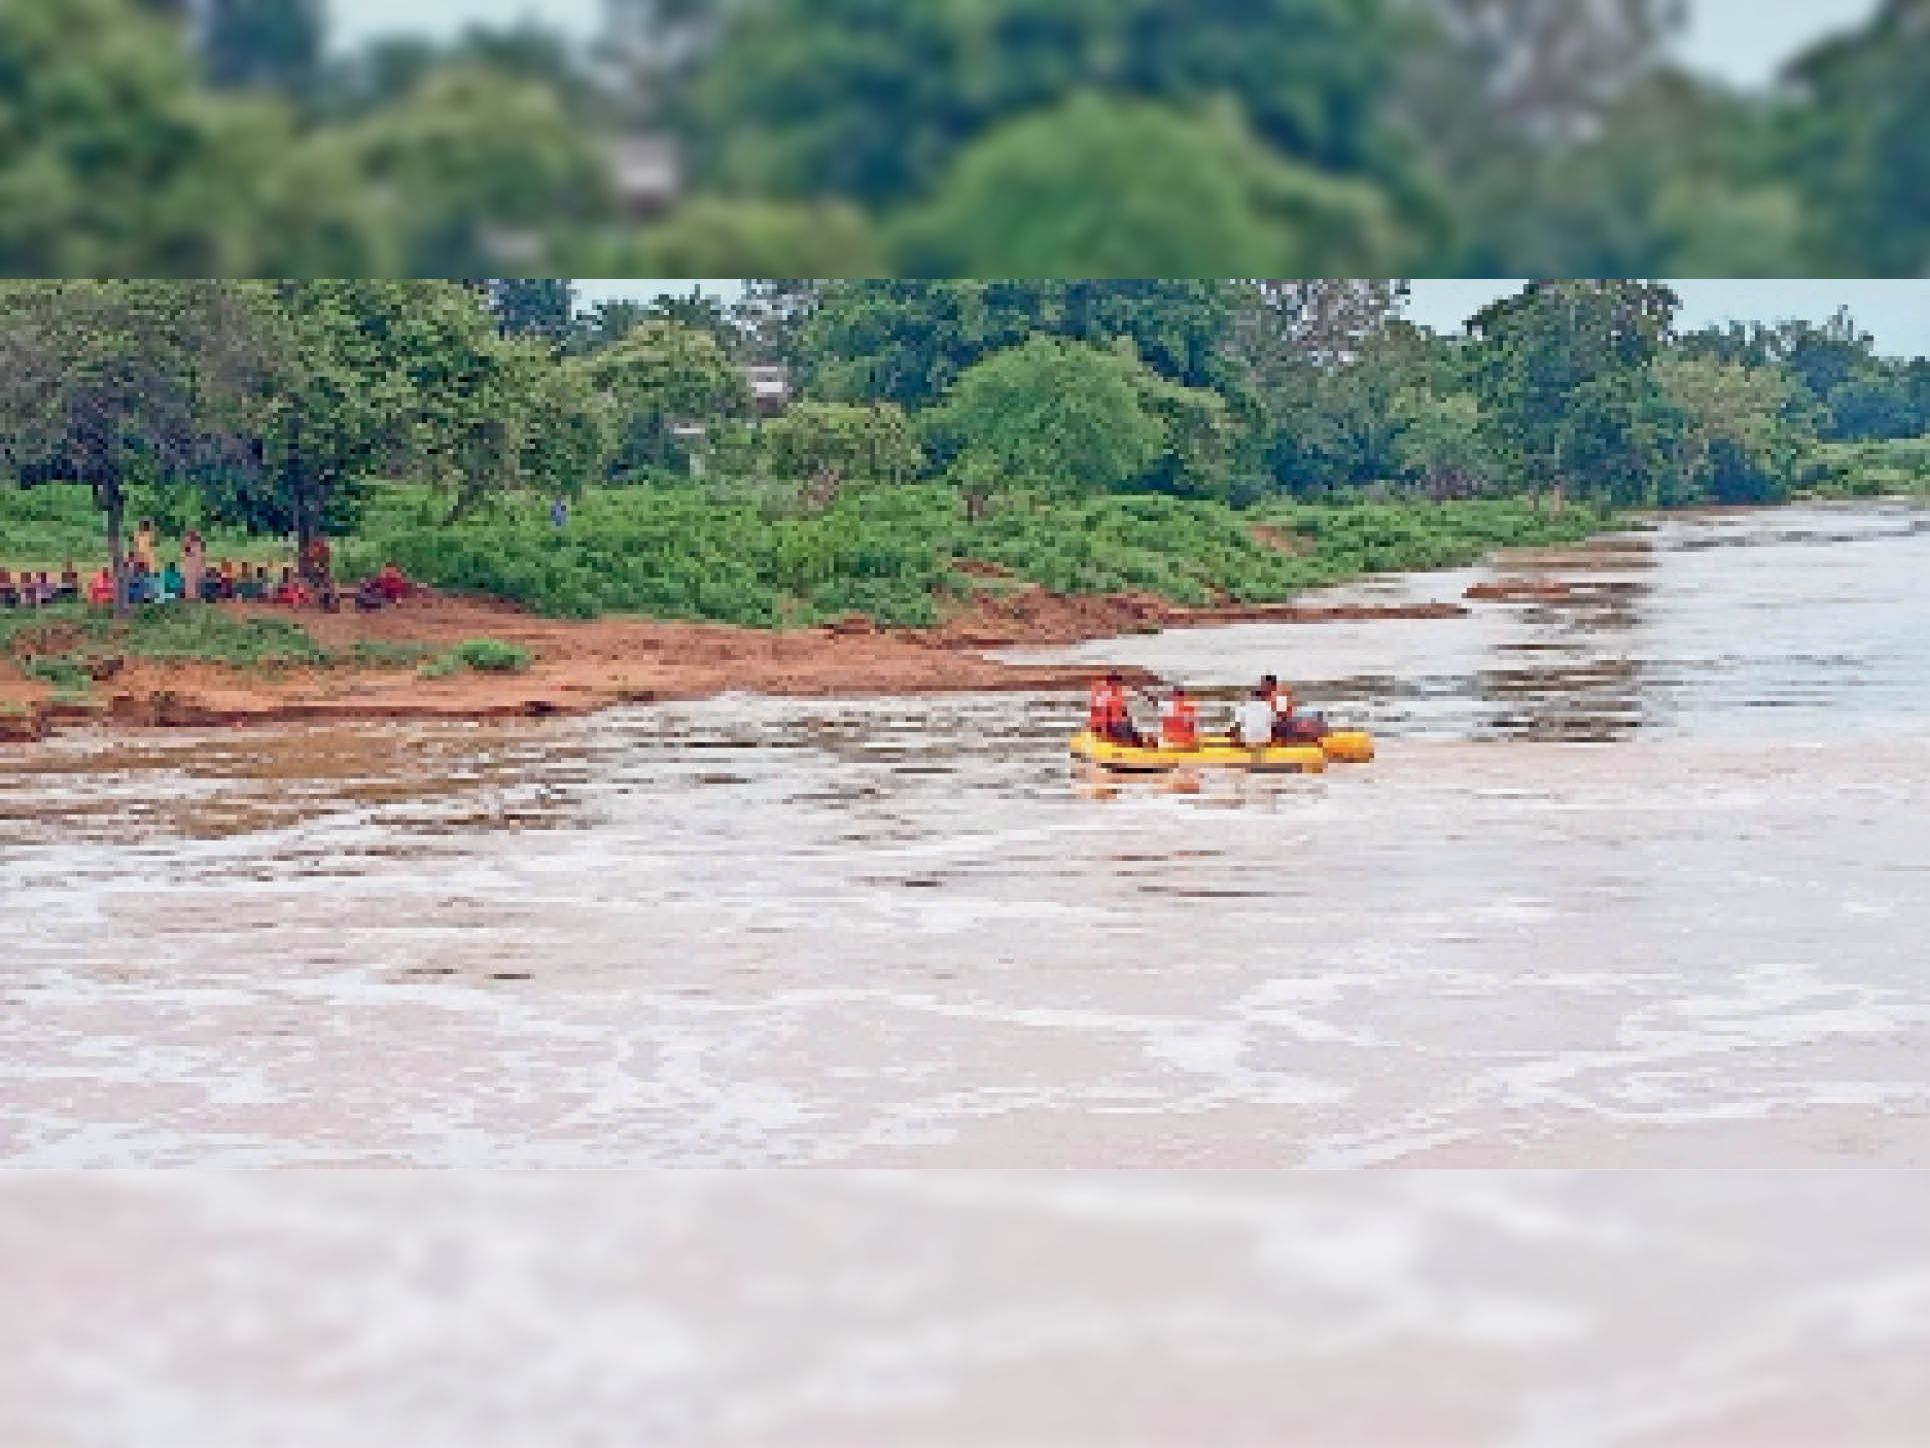 परपोड़ी. नवागांव खुर्द में नदी में बाढ़ आने के दौरान बही महिला की तलाश करती रेस्क्यू टीम। स्थिति को देखते हुए लोगों को सतर्क रहने कहा है। - Dainik Bhaskar